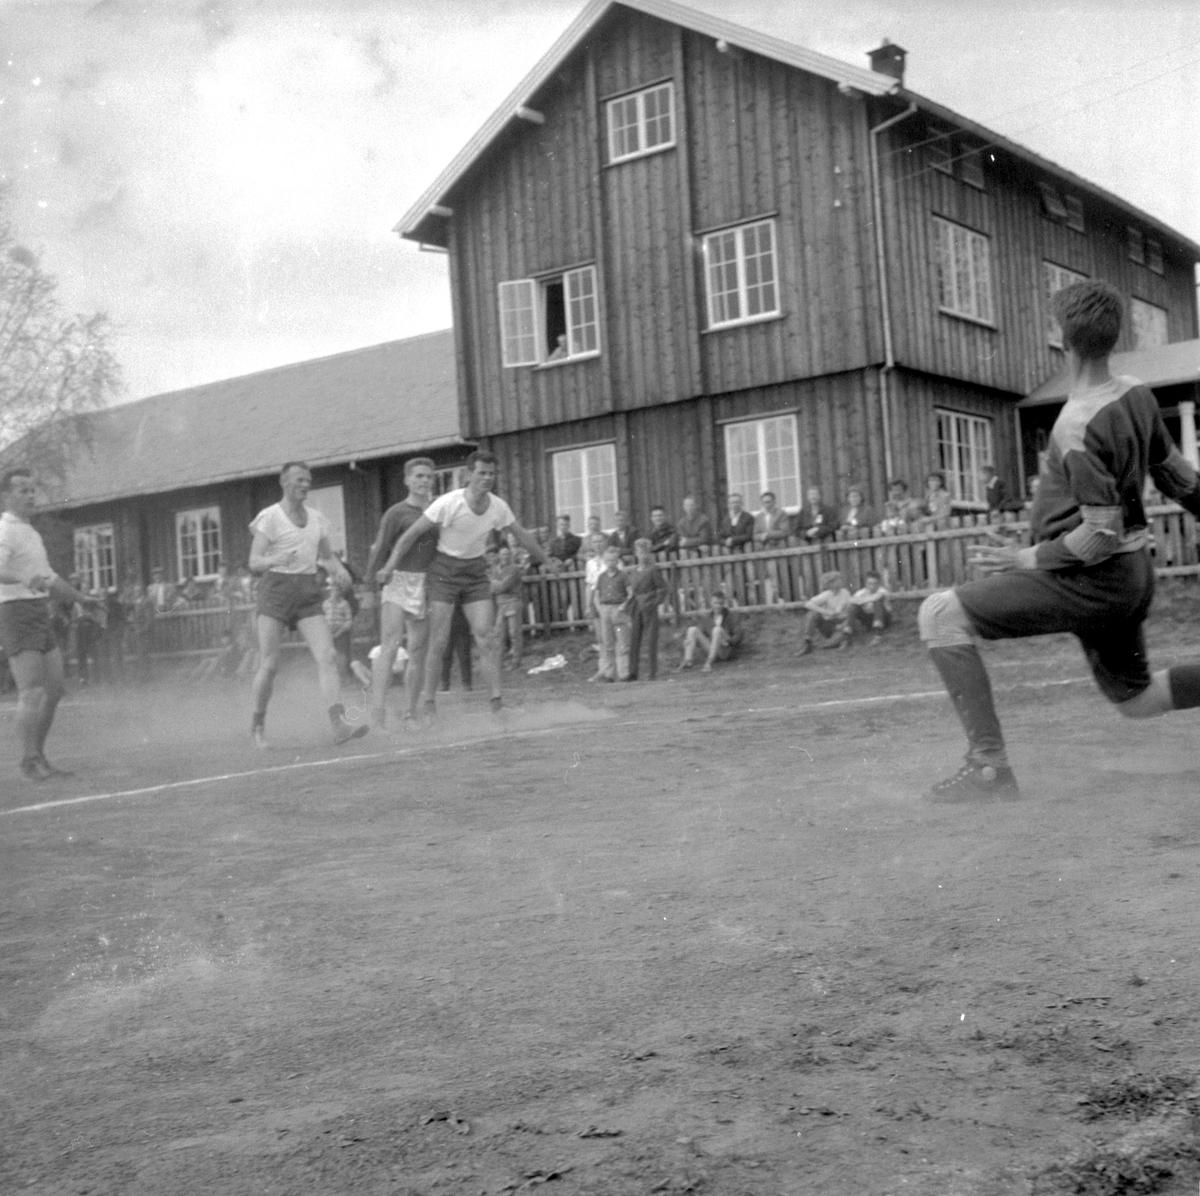 HÅNDBALLKAMP VELDRE - HAM-KAM. ODD SCHJERPEN I LYS TRØYE (HAM-KAM). (HS 16. MAI 1960). HÅNDBALL. STED:VELDRE, VELDROM. KOMMUNE: RINGSAKER. DATO:15. 05. 1960. FOTO:EGIL M. KRISTIANSEN